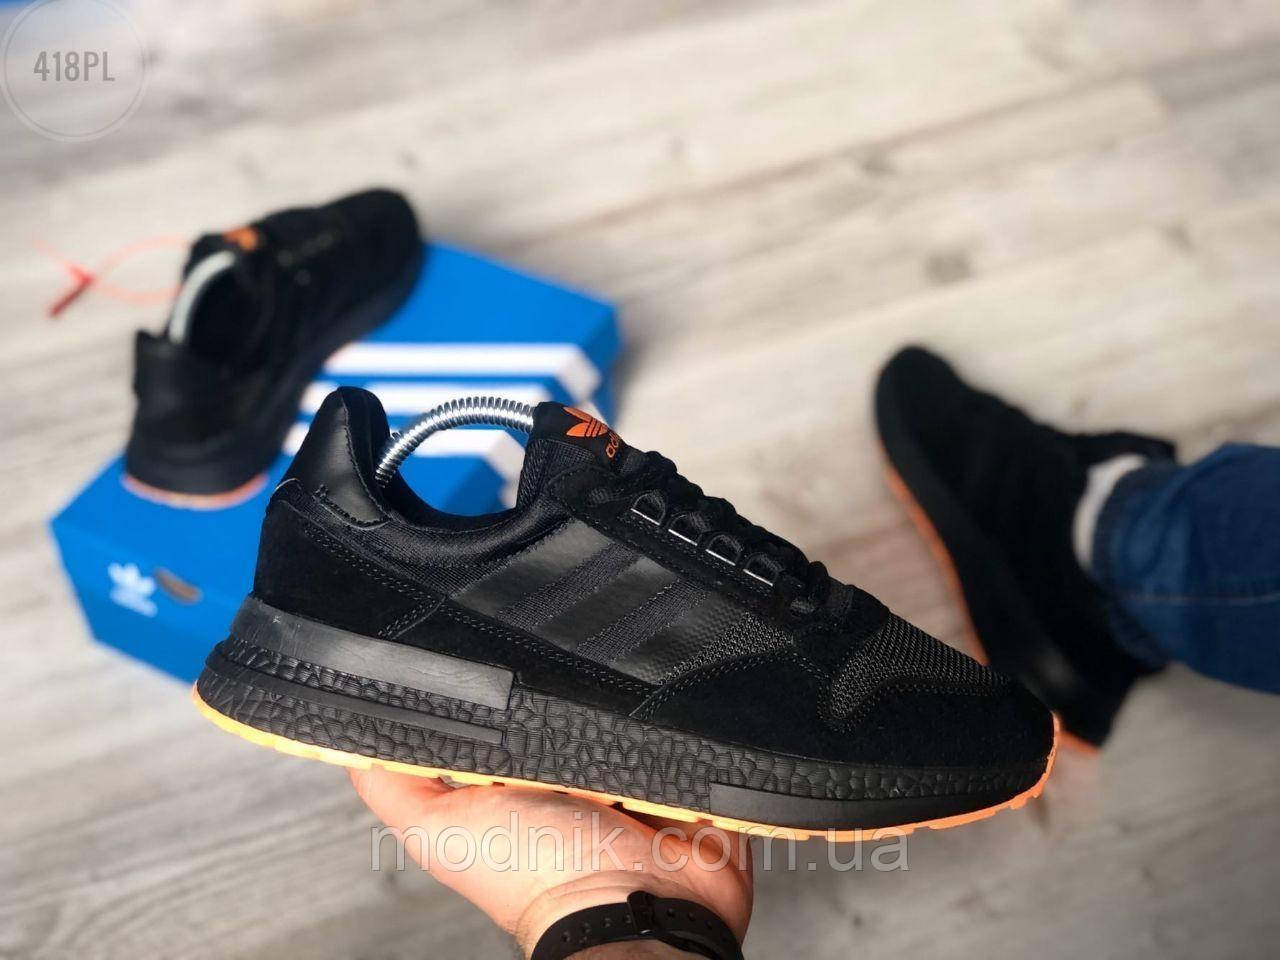 Мужские кроссовки Adidas Black/Orange 418PL